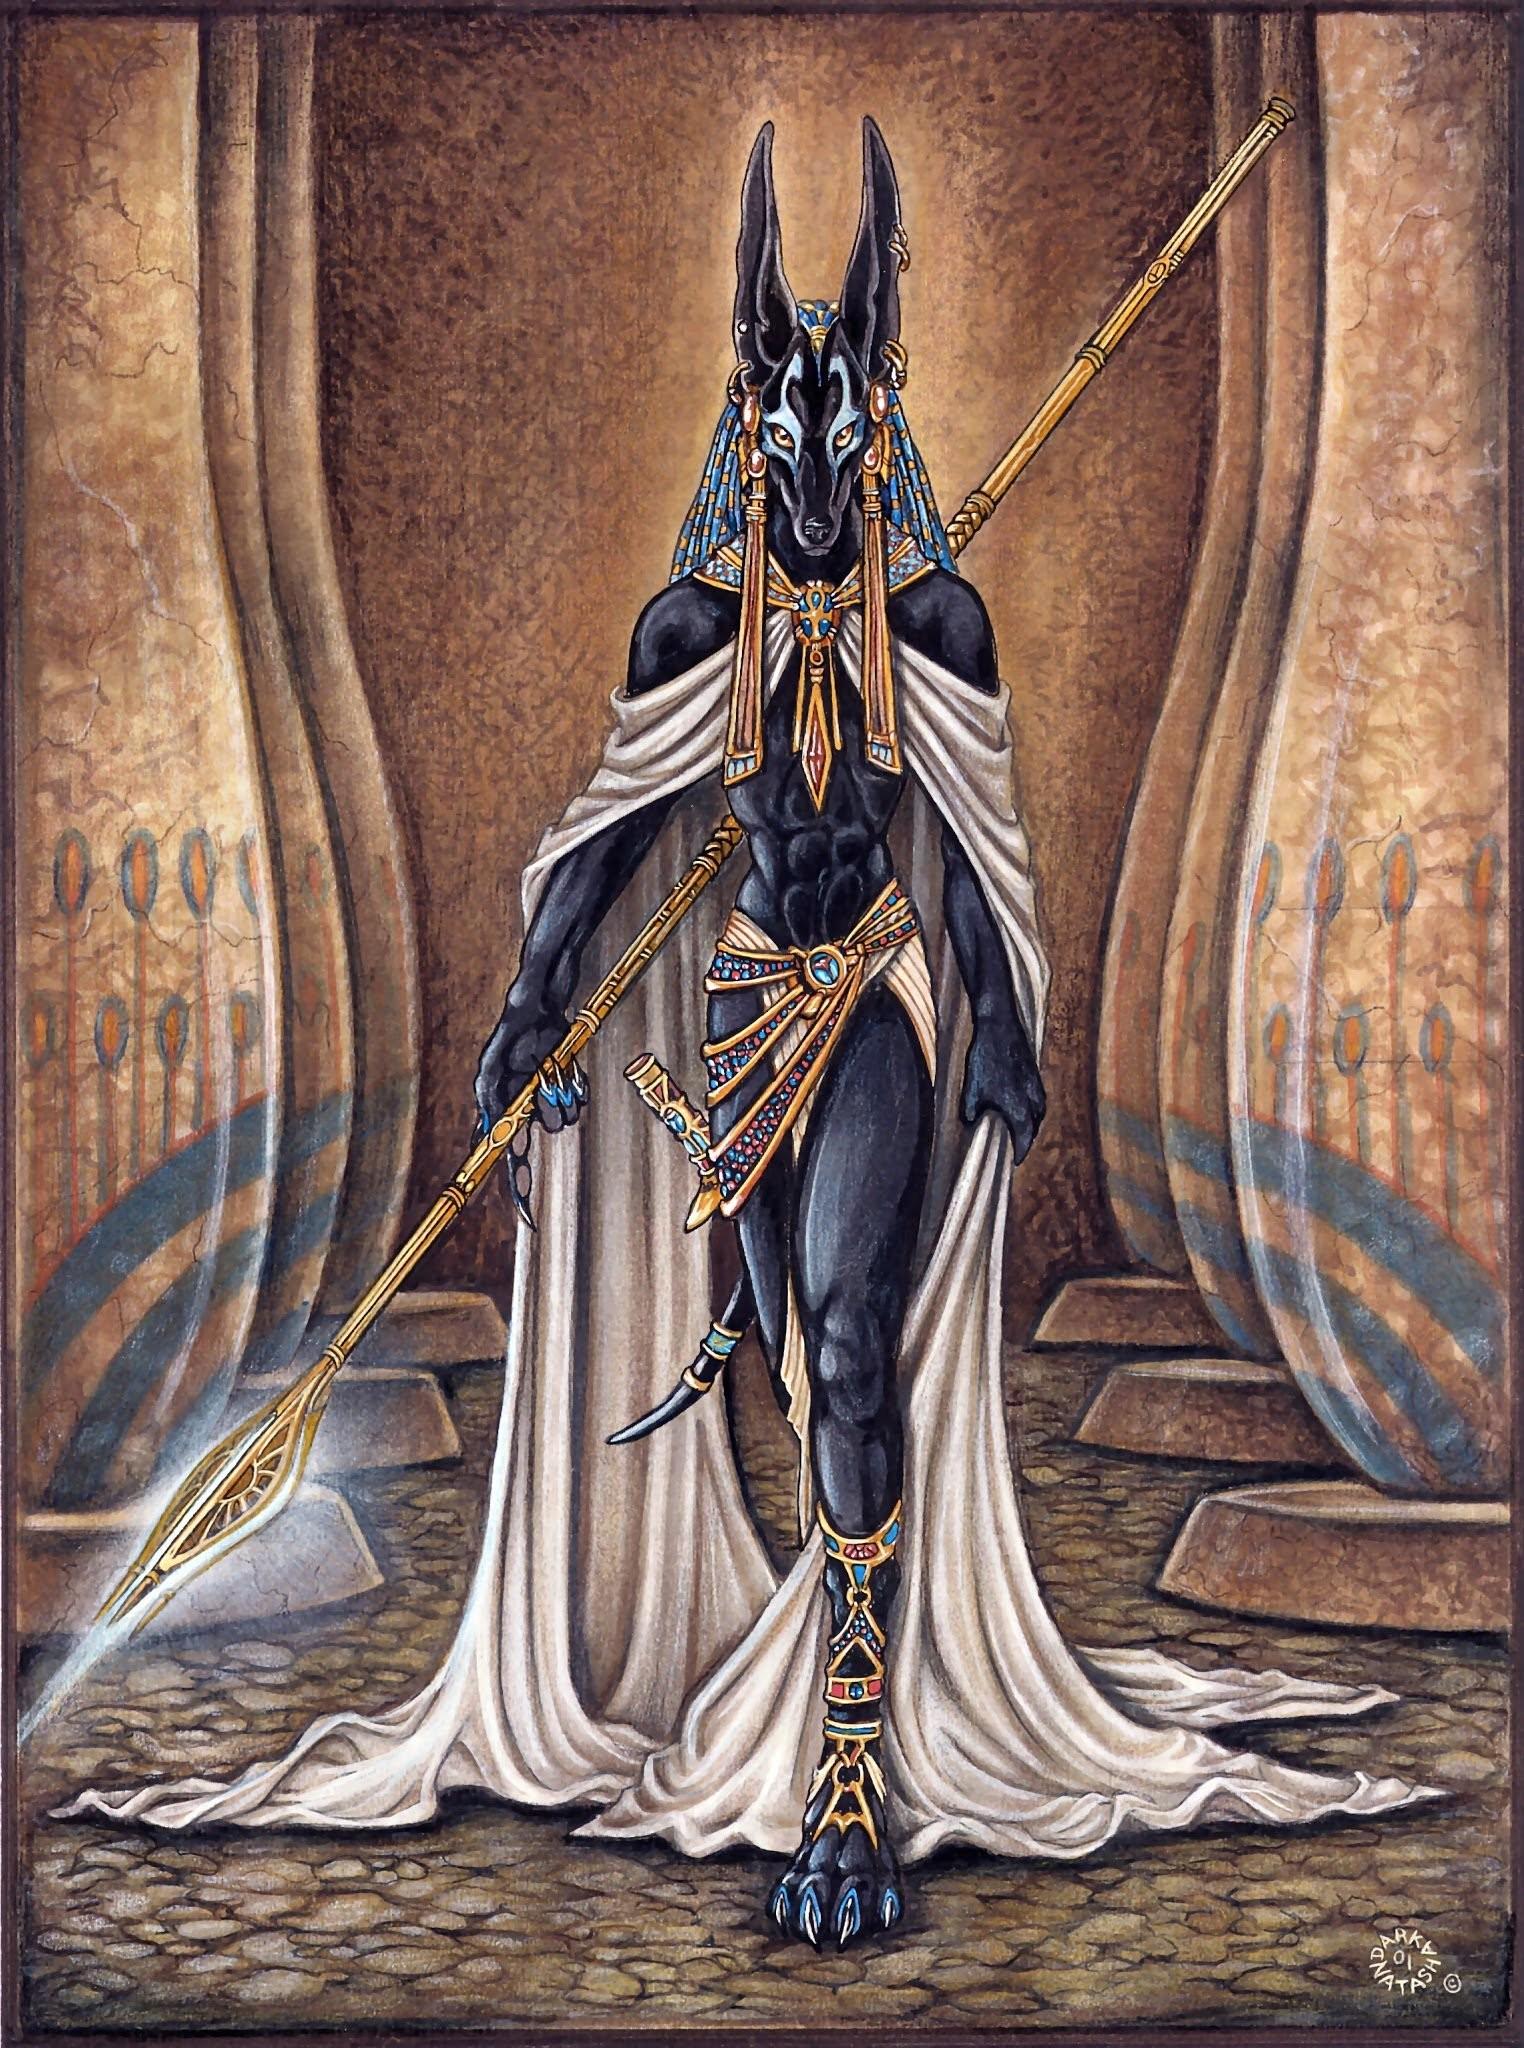 """Obsidian Eagle 2017 on Twitter: """"#AnubiS #DevianTArT #EgyptologY #EtheRSeC  #GodS #GoddesseS #HoruS #MythologY #MythoS #NeterS #ThelemA #SpiritualitY  …"""